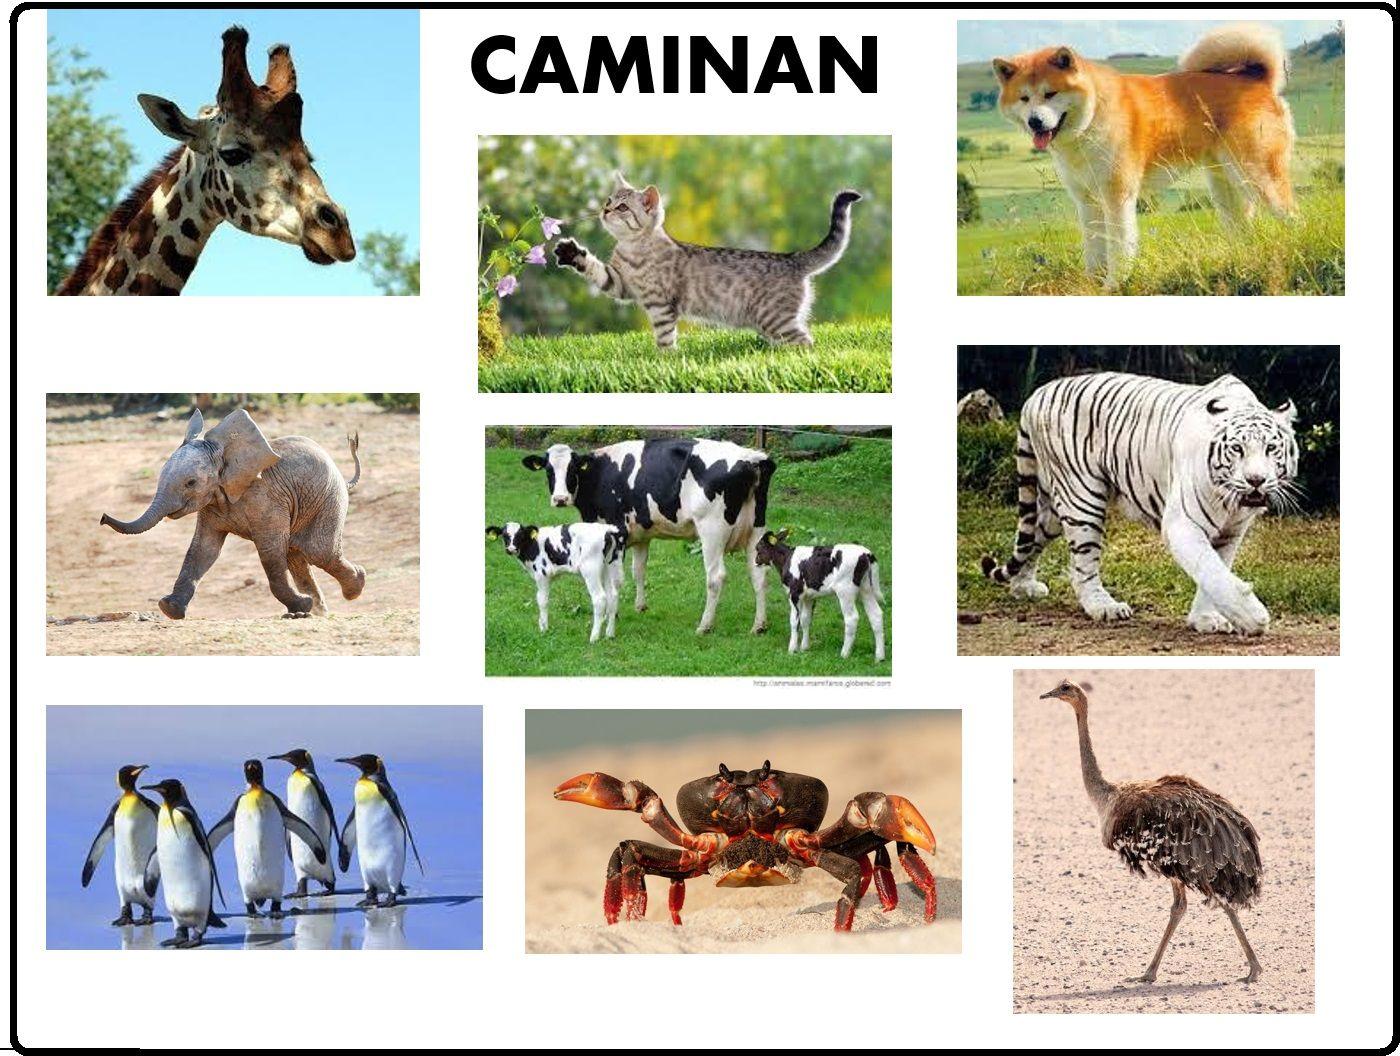 Animales Segun Su Desplazamiento Caminan Ciencia Animal Clasificación De Animales Animales